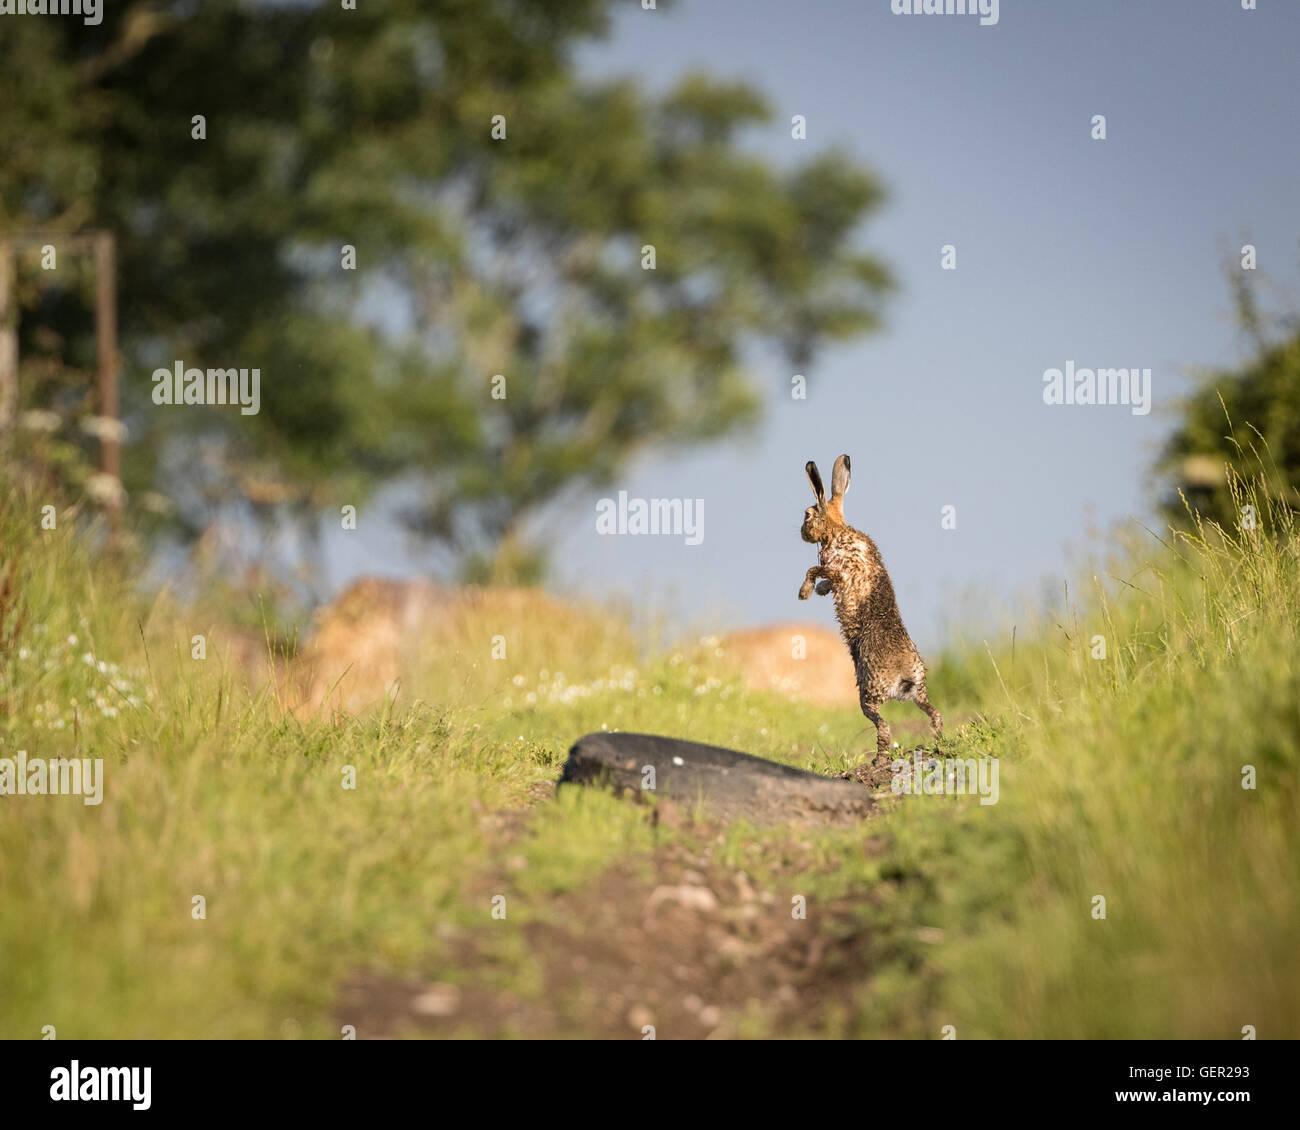 Brown lepre sul percorso, in piena leap, bagnata dalla balneazione in impasto (Lepus europaeus) Immagini Stock